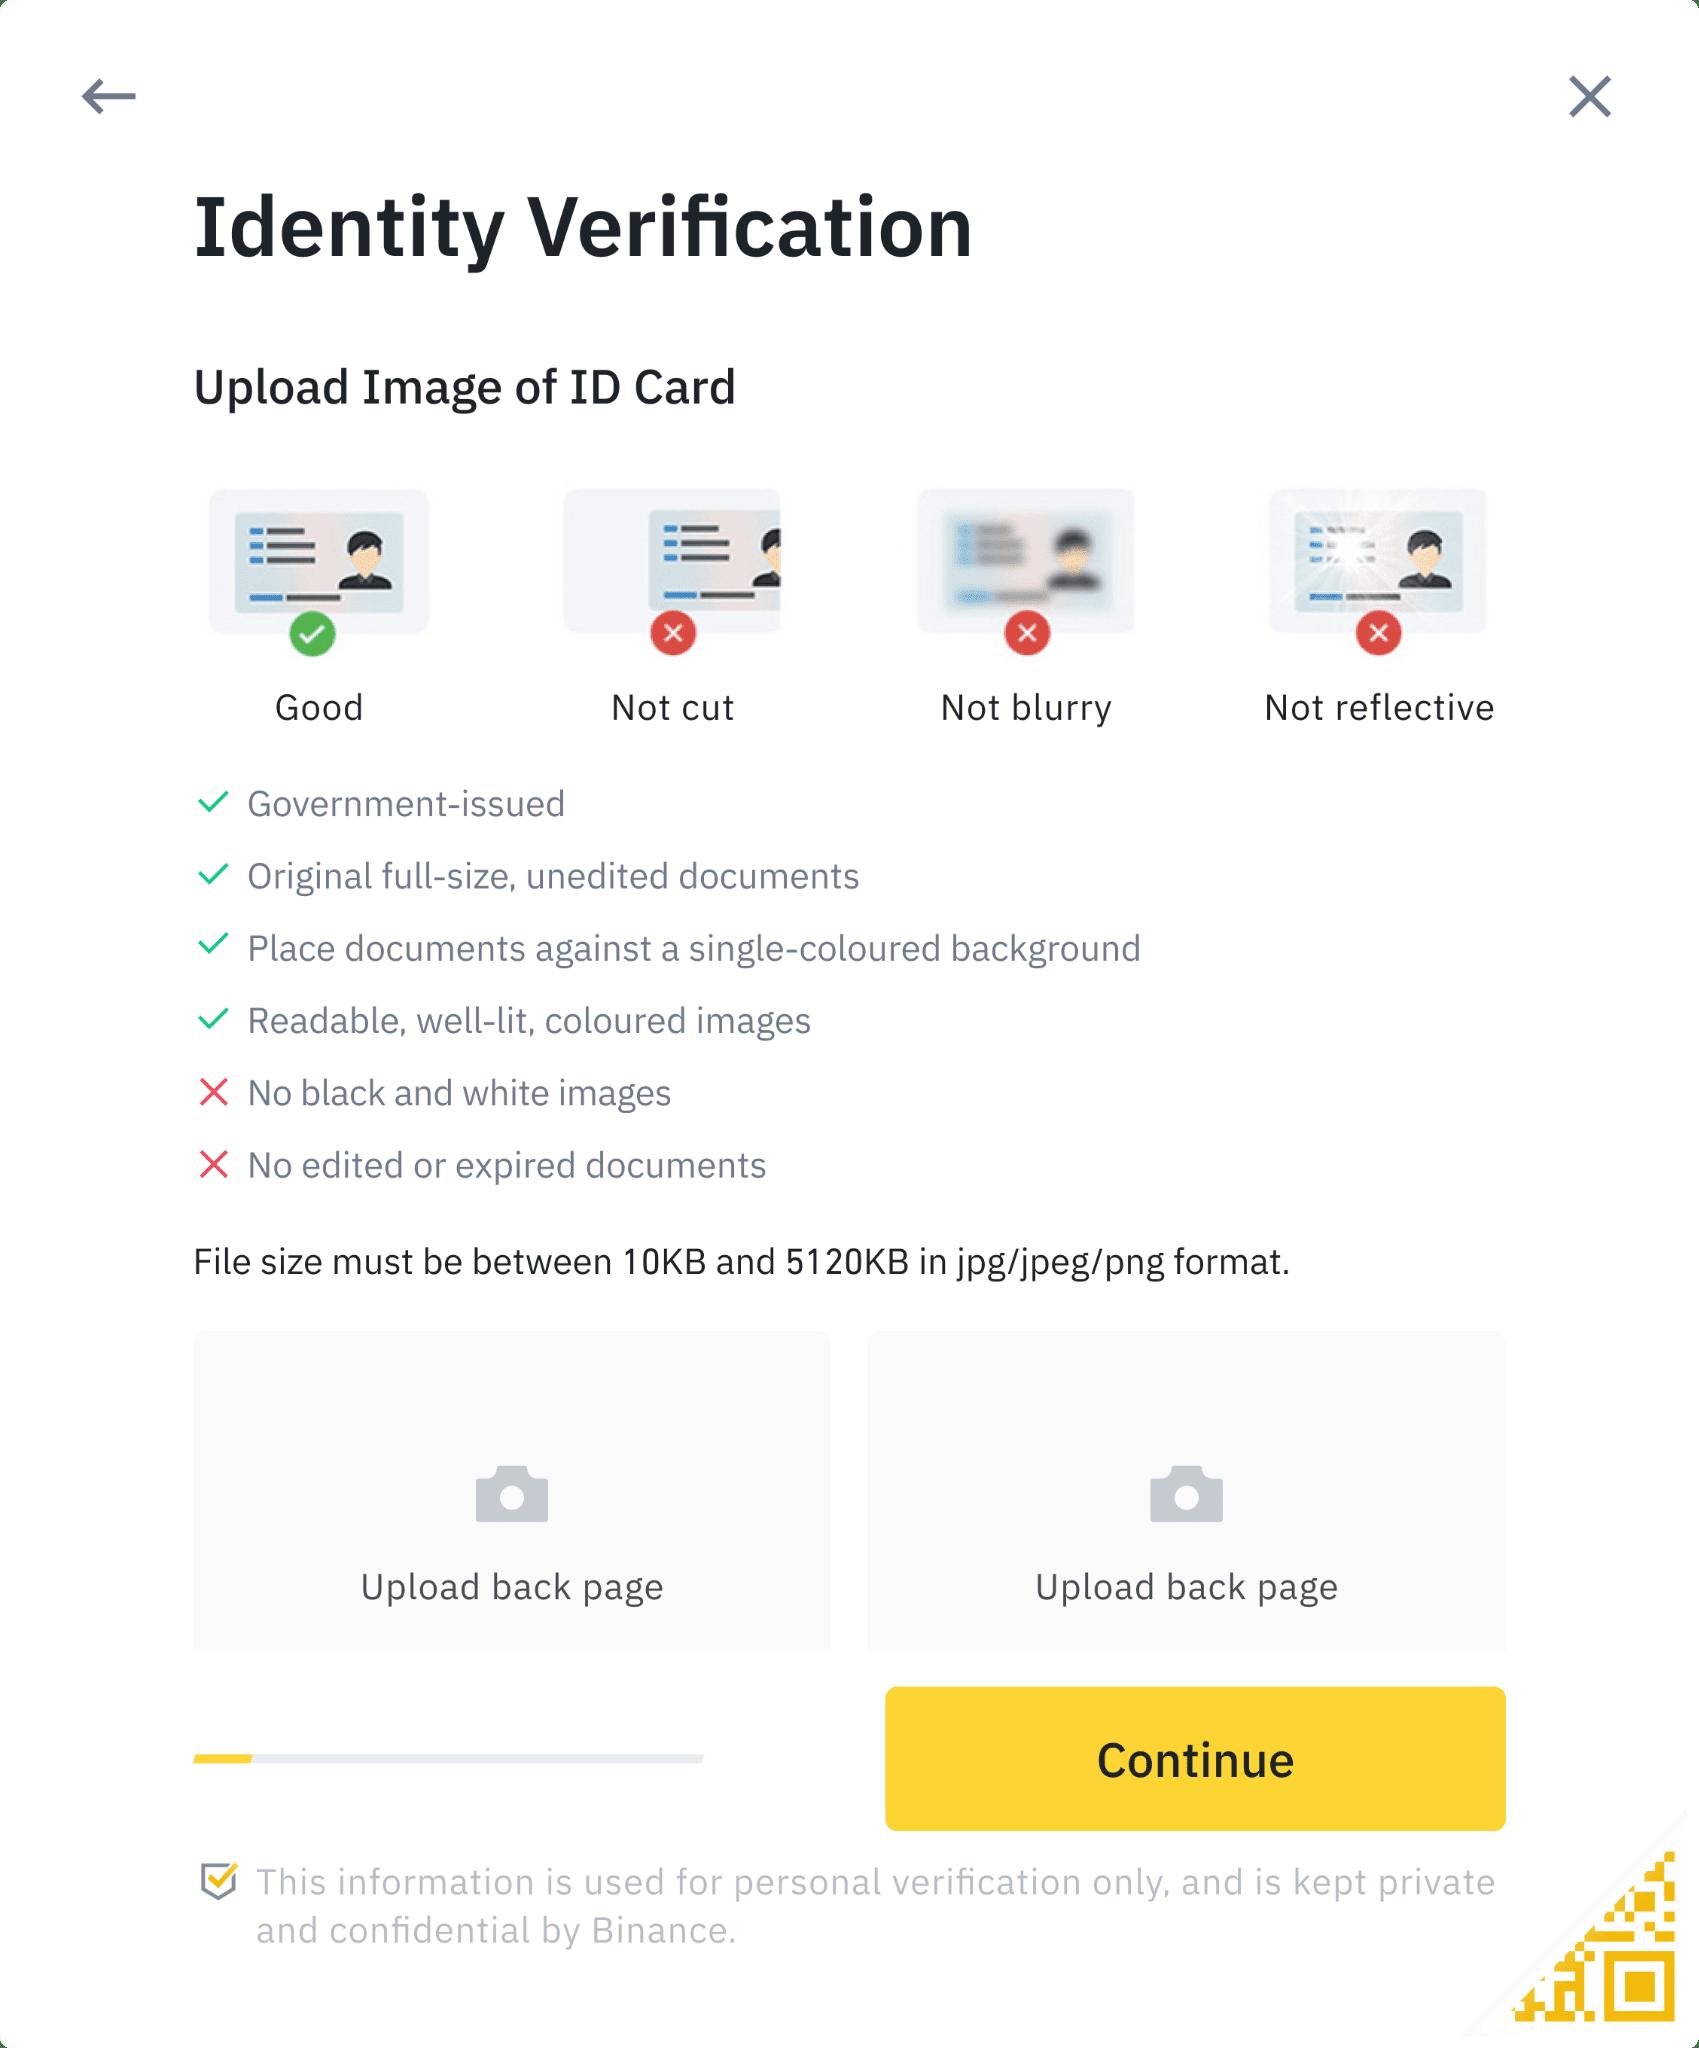 احراز هویت و بارگذاری مدارک در بایننس